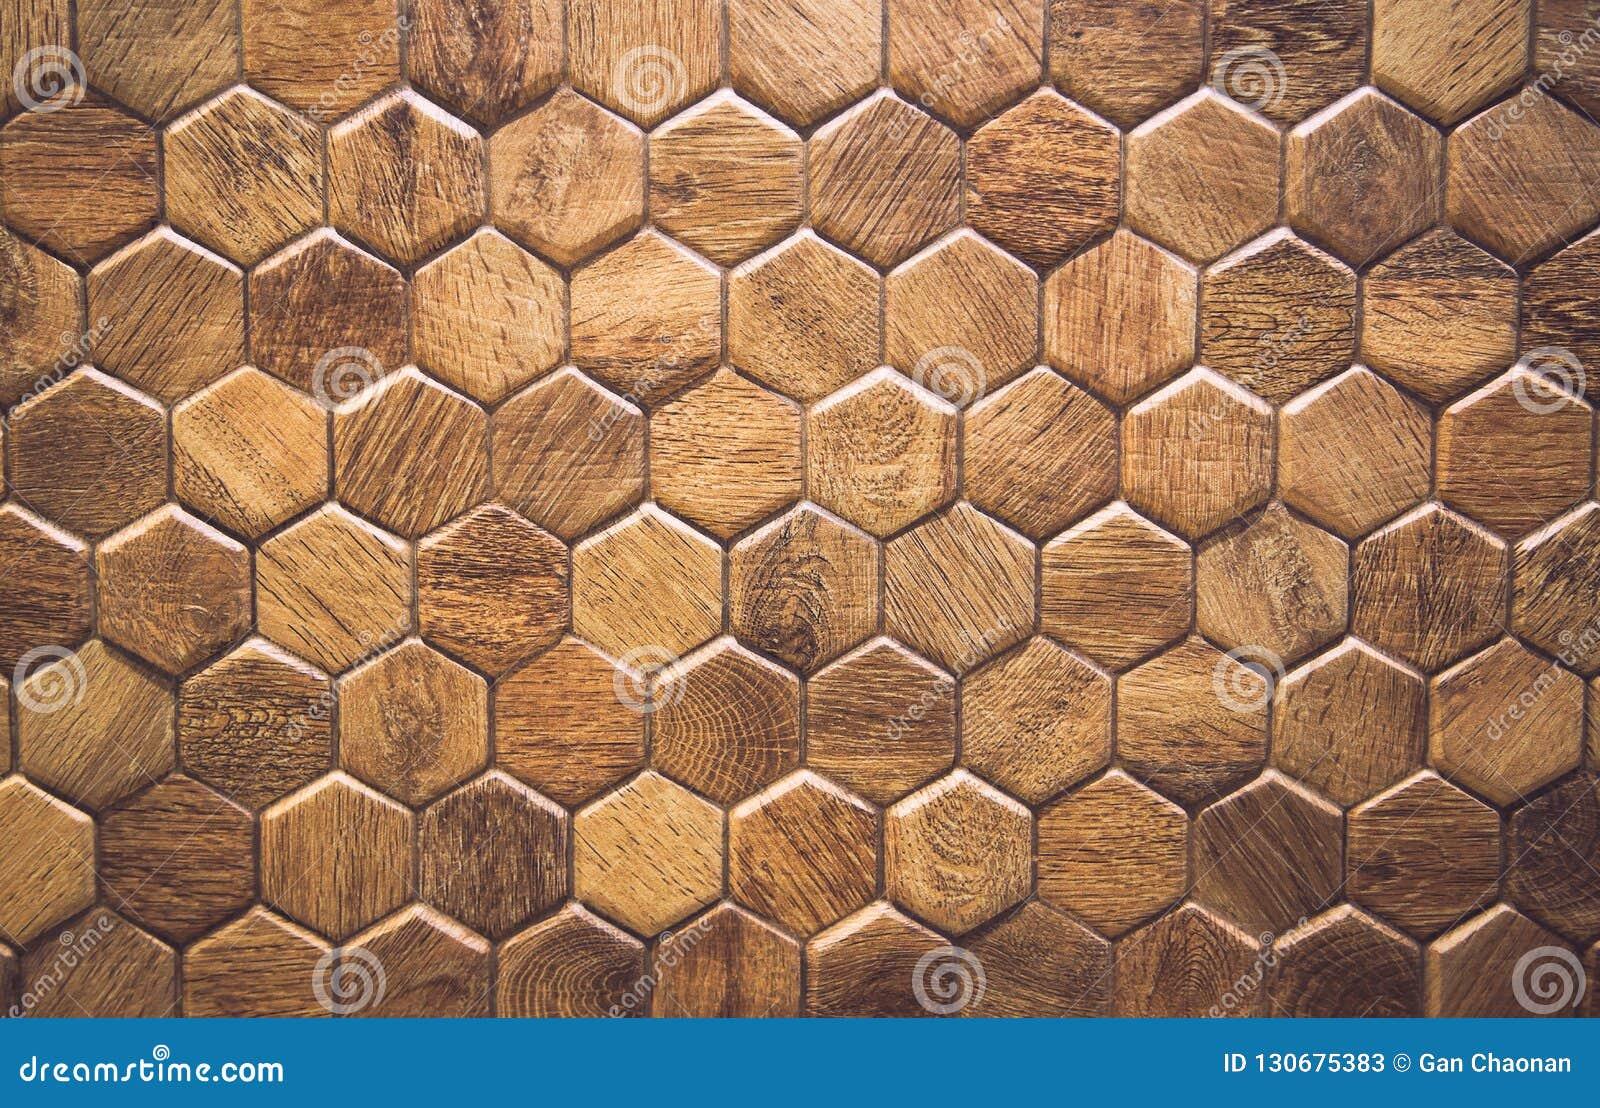 Tafluje teksturę z elementami Materialny drewniany dąb